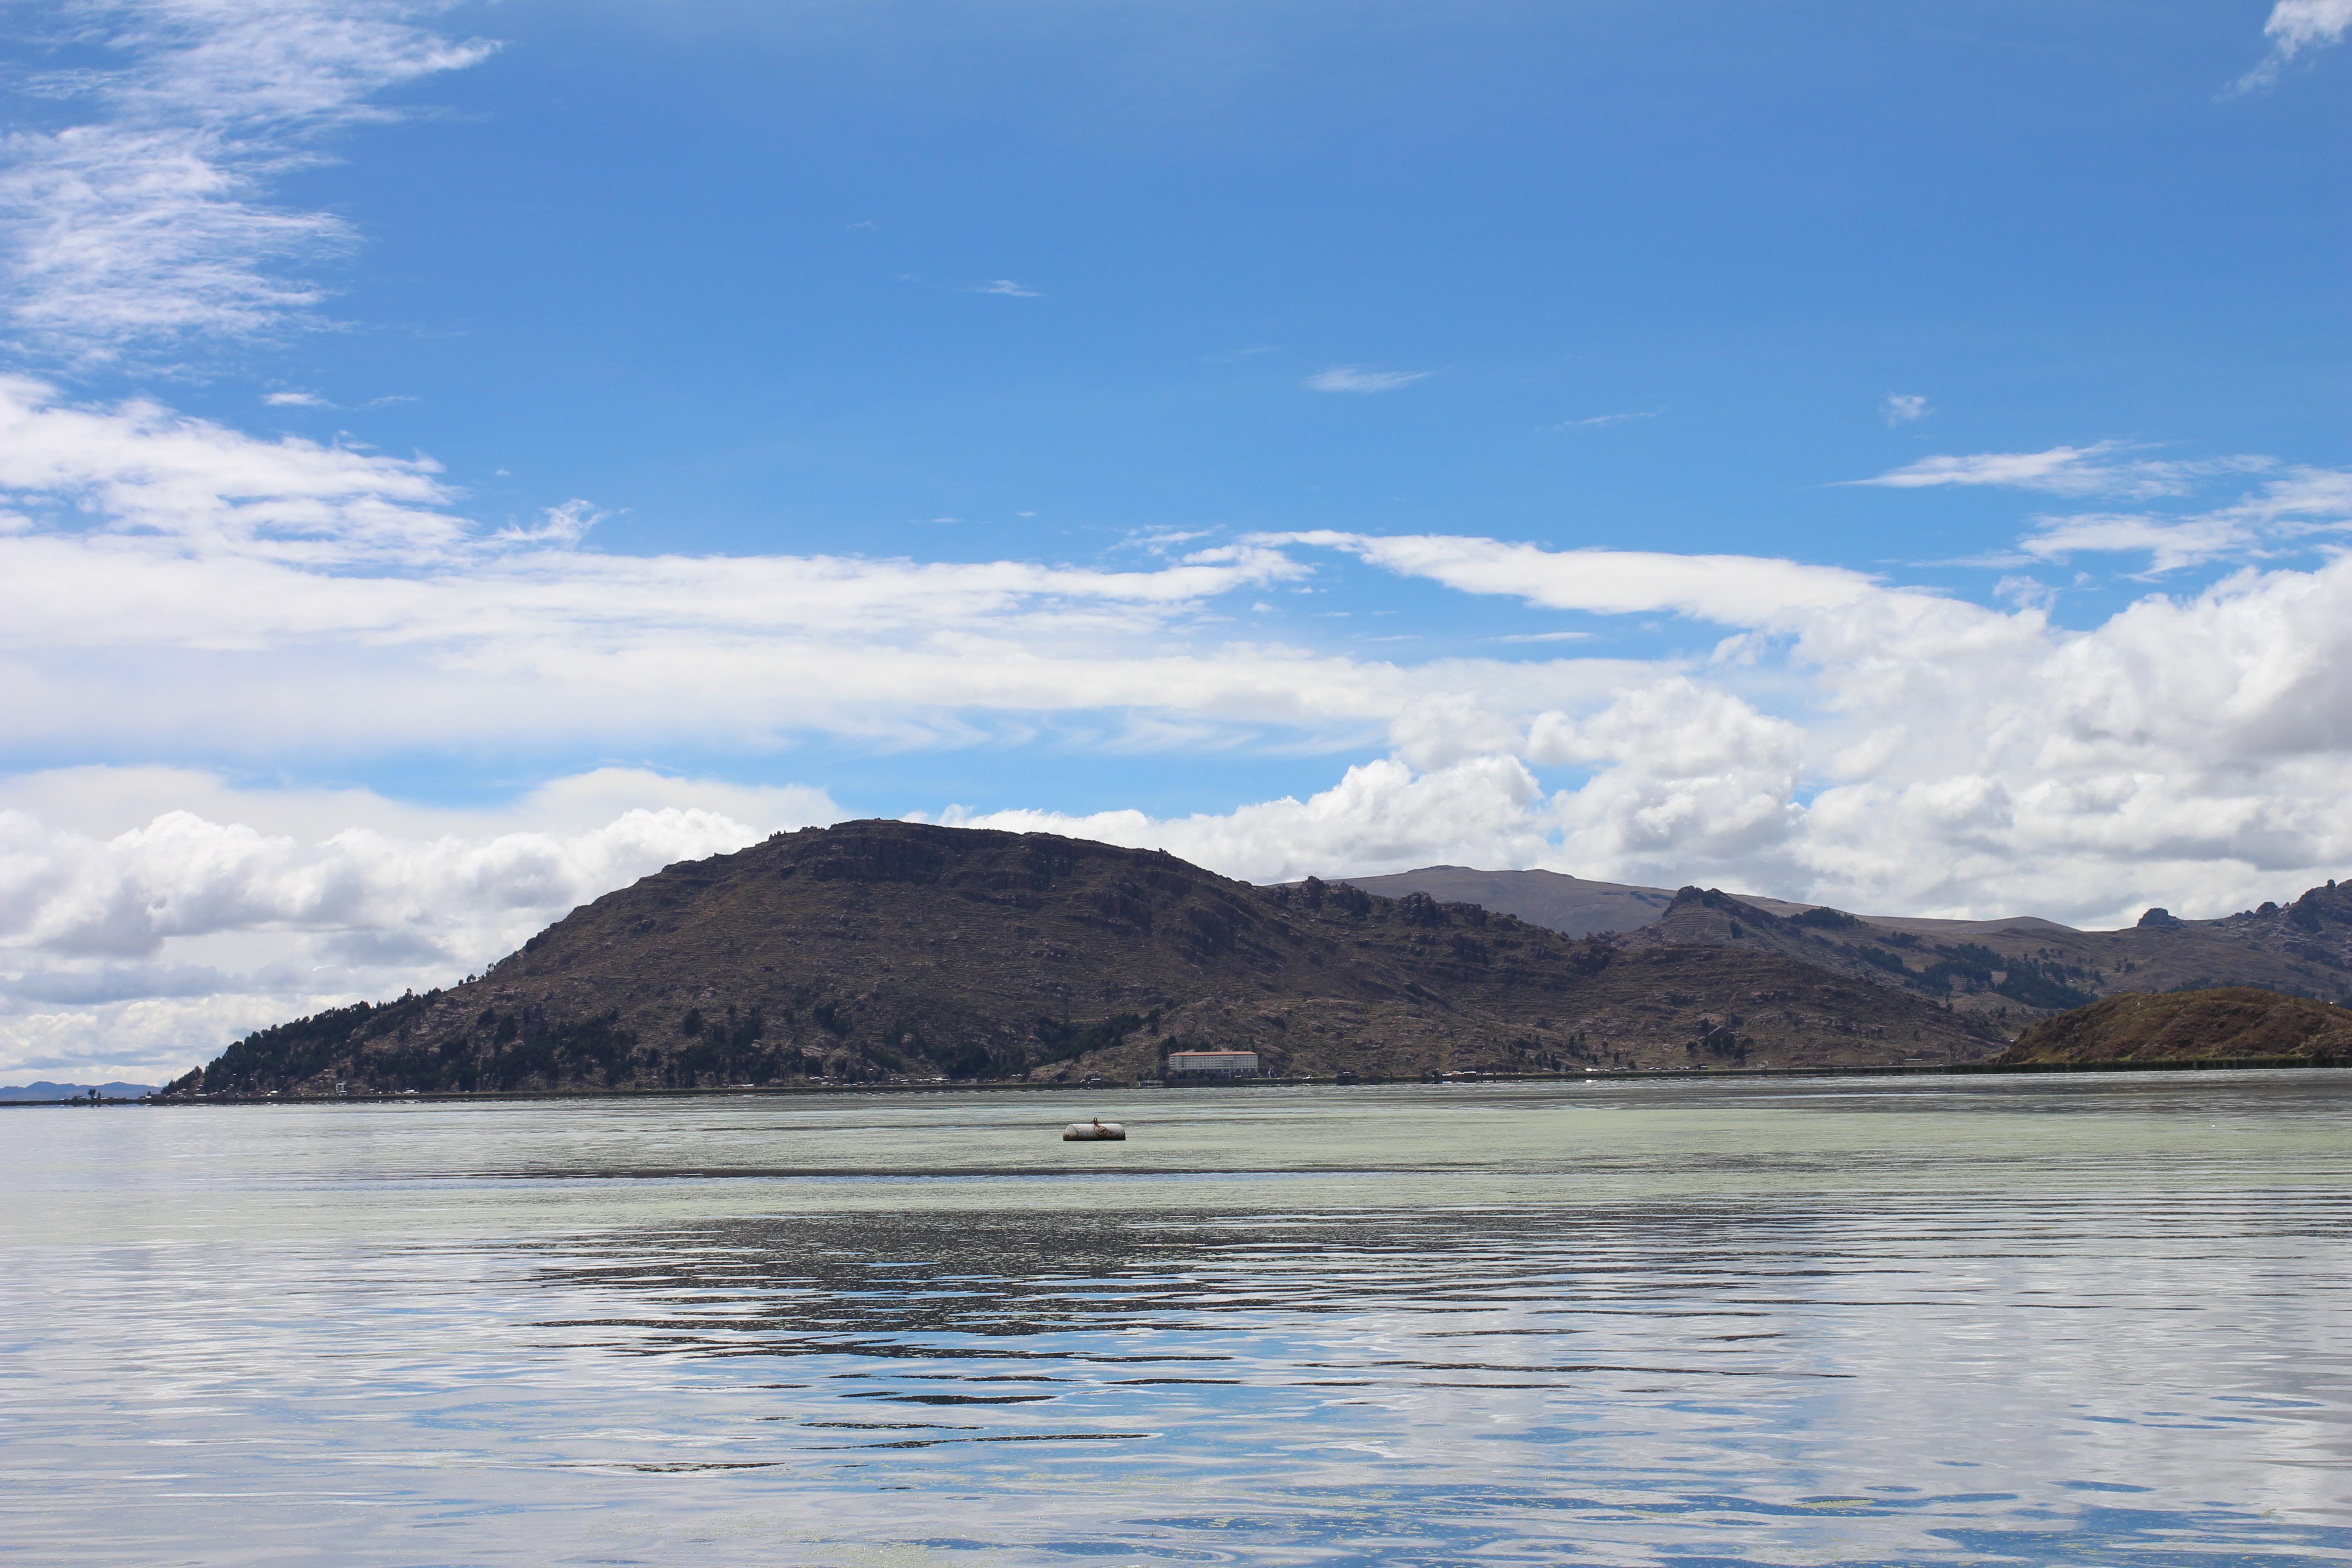 Puno Uros Islands Tour